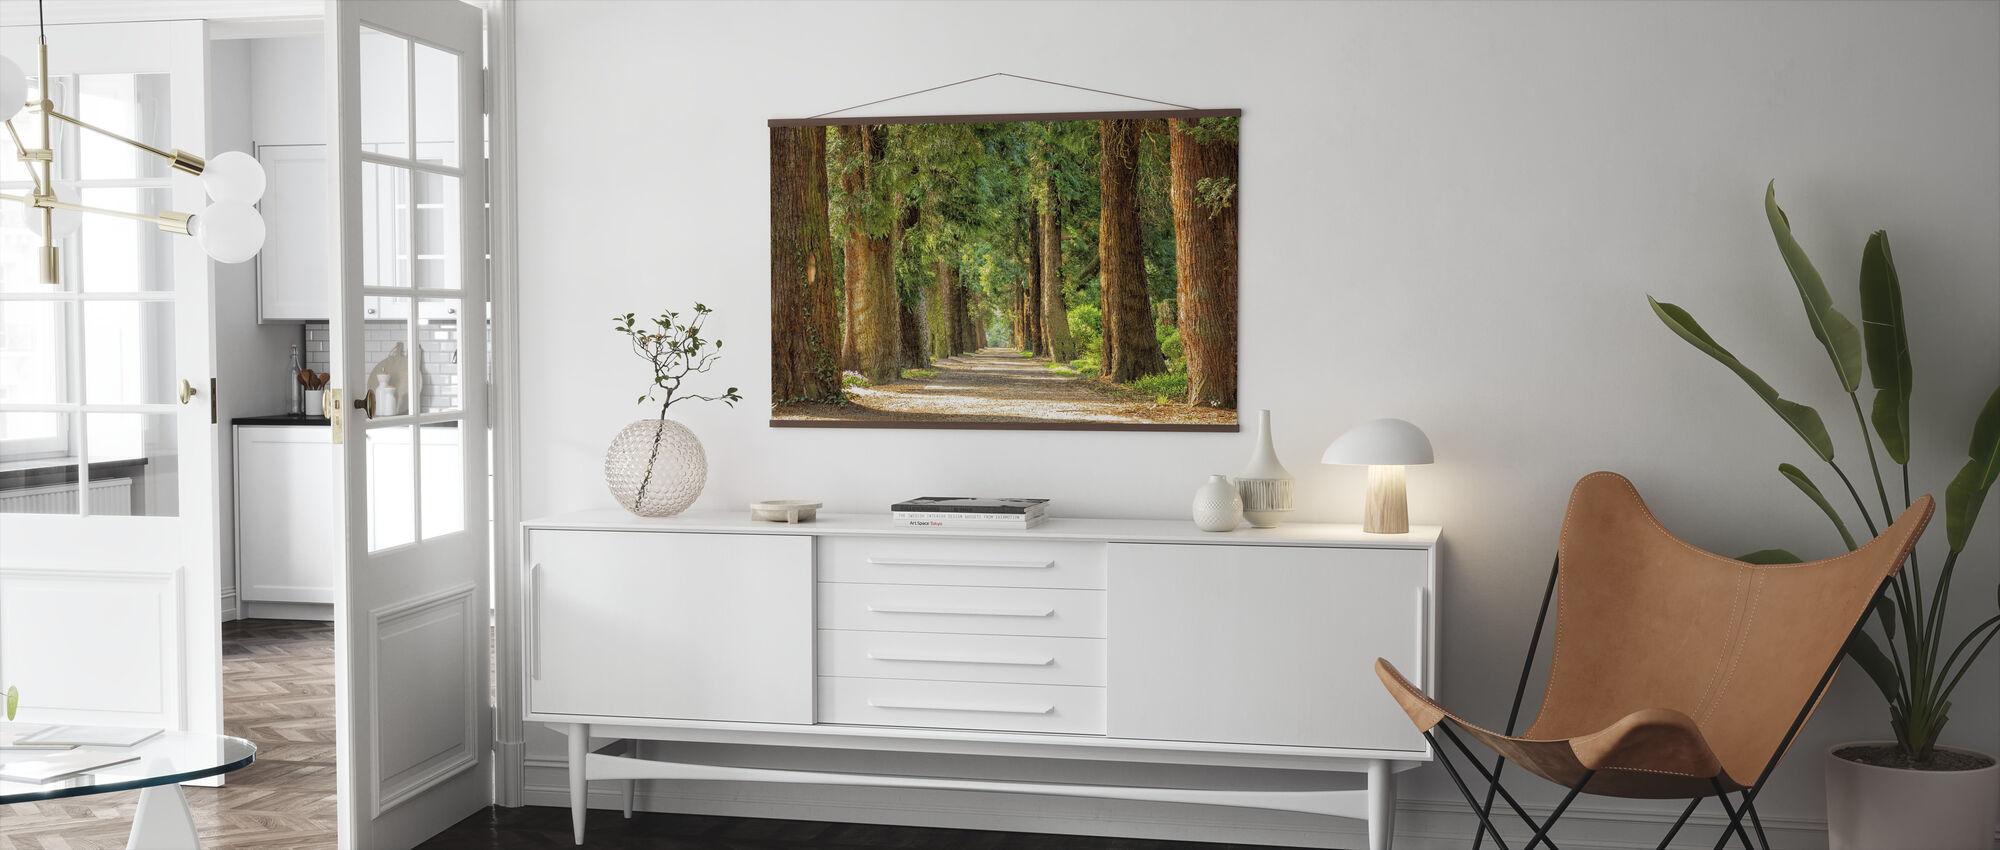 Vägar mellan träd - Poster - Vardagsrum